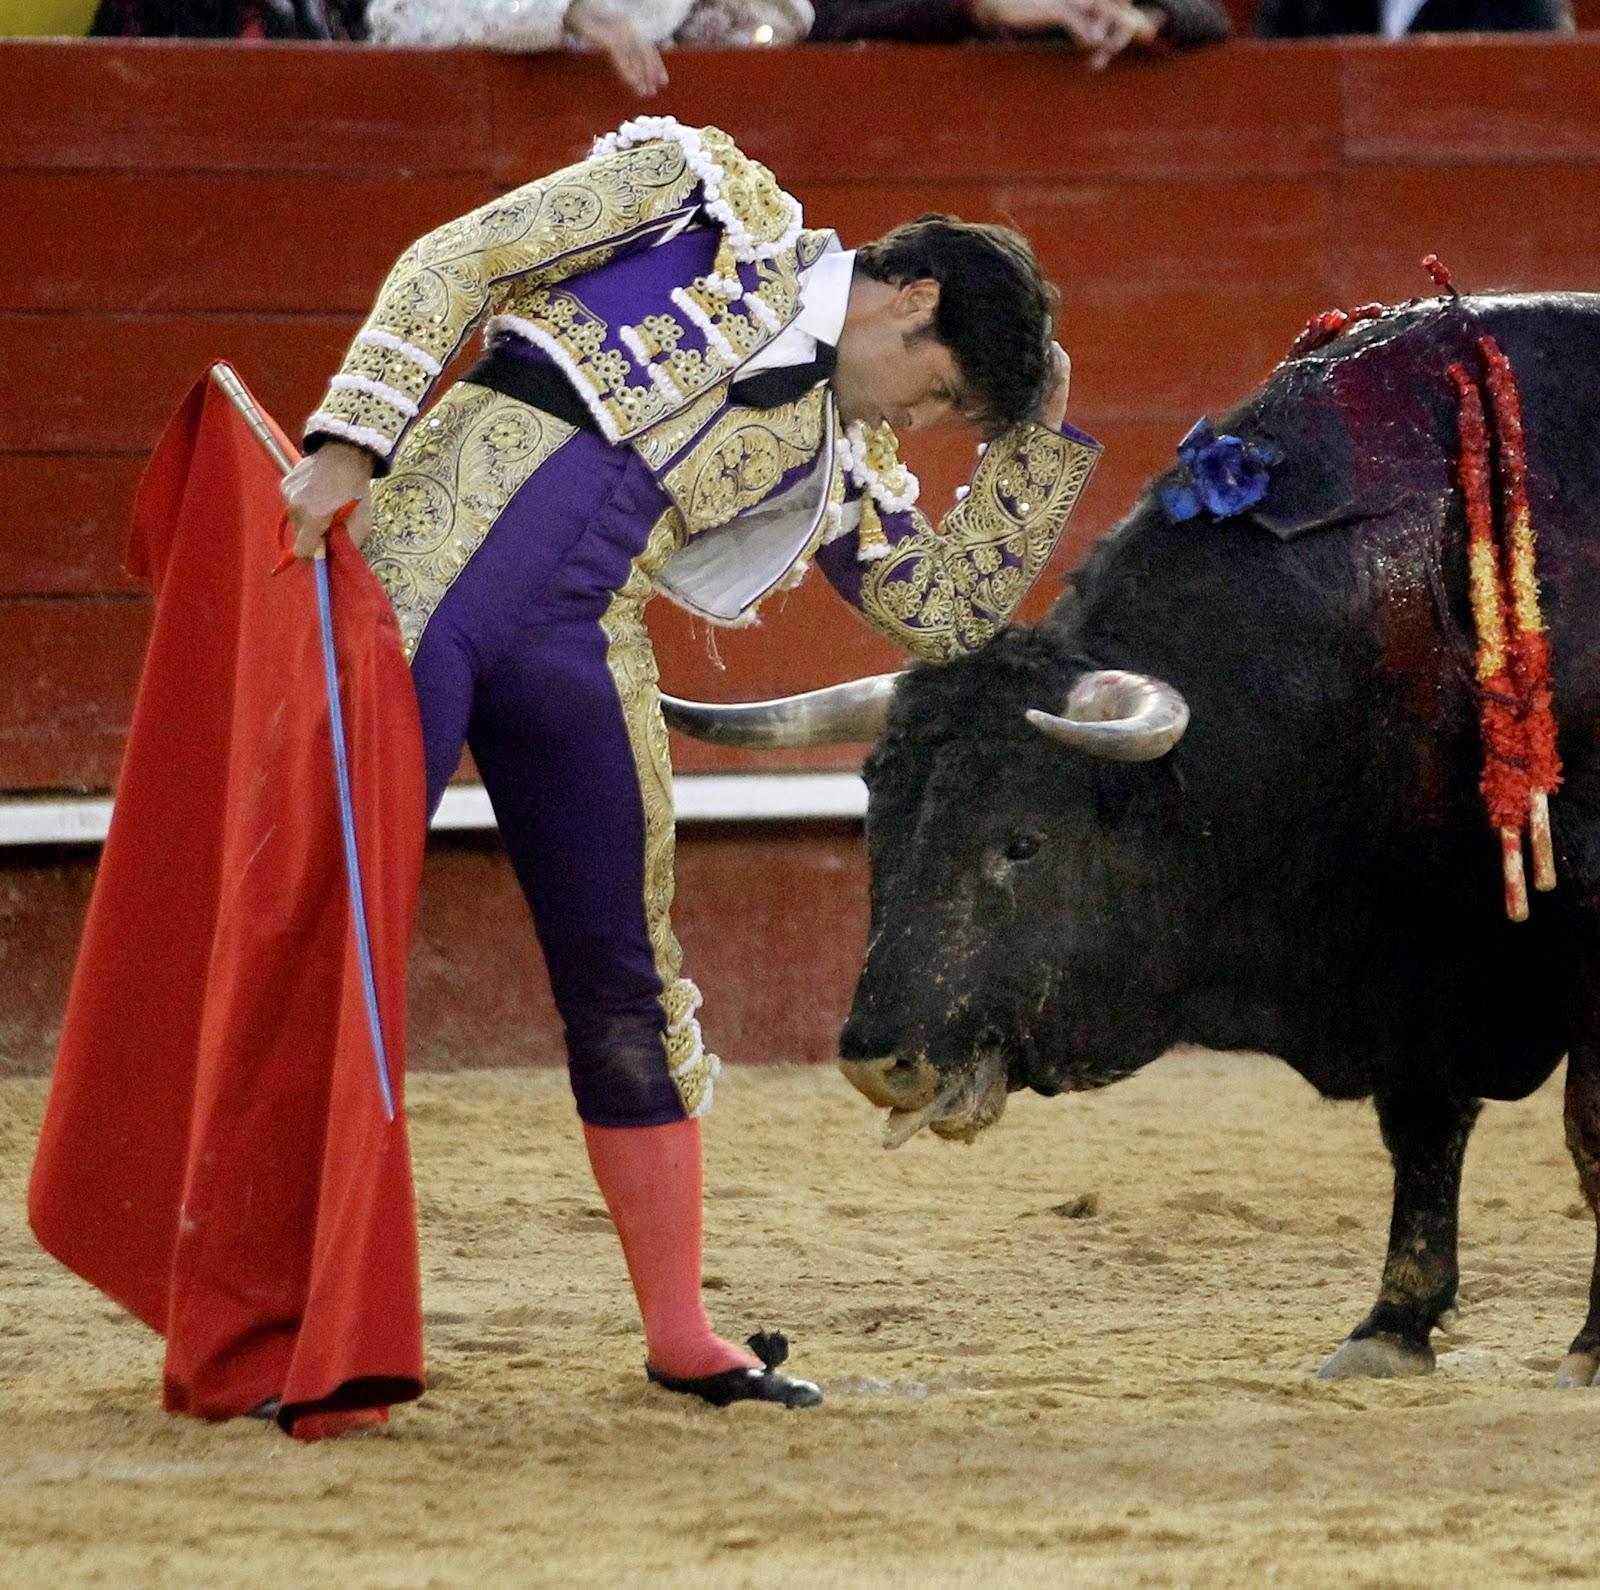 ... desvela los secretos del comportamiento del cerebro de los toreros